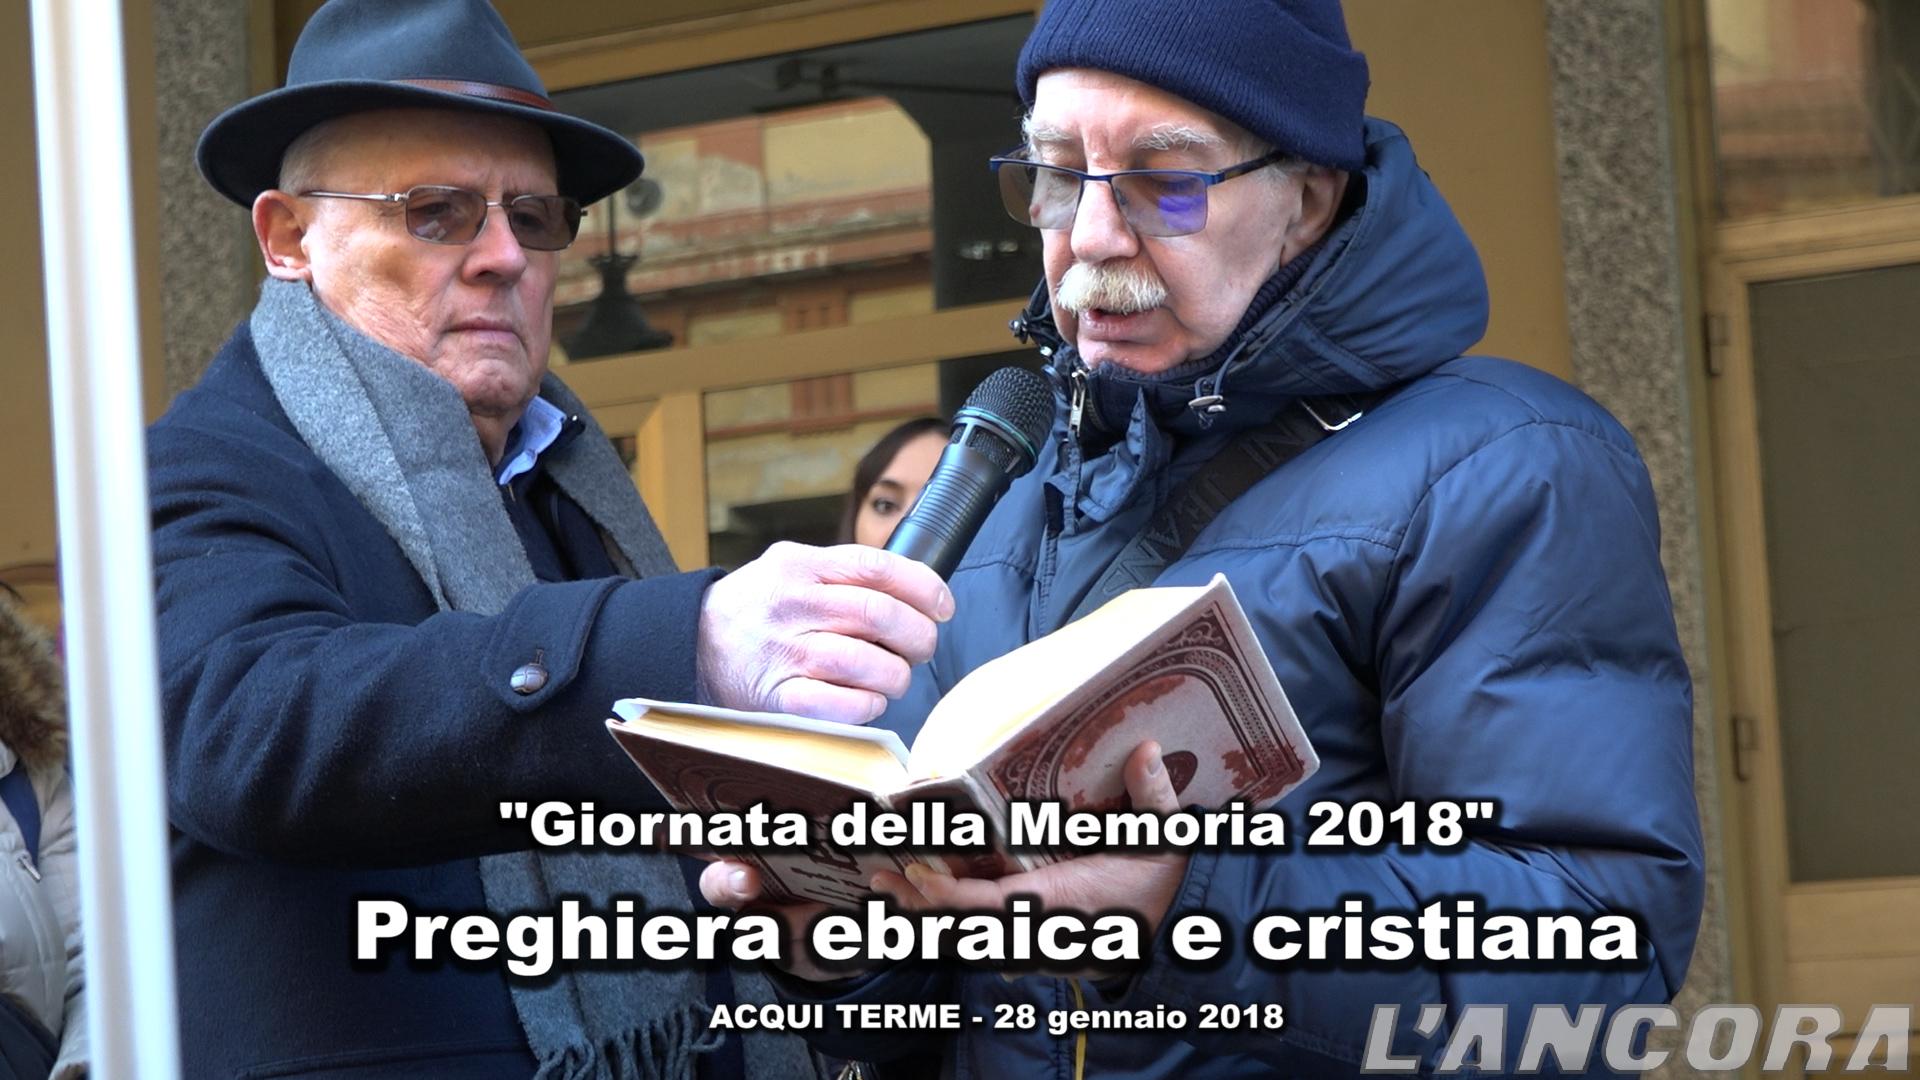 Photo of Giornata della Memoria: preghiera ebraica e cristiana (VIDEO)